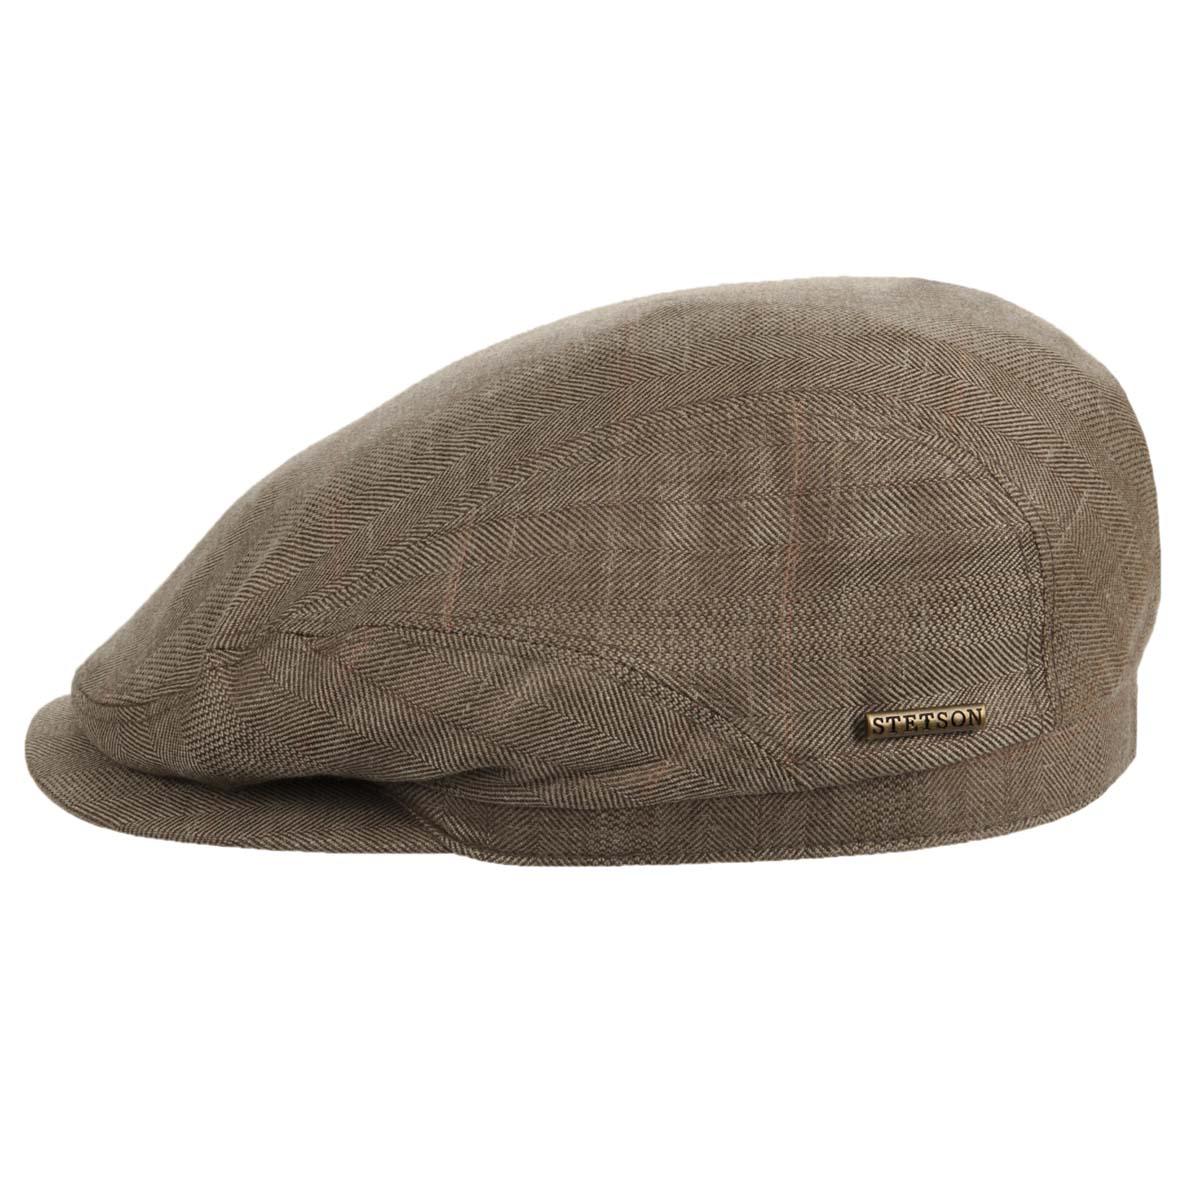 c7d4e44d368 Belfast flat cap by Stetson